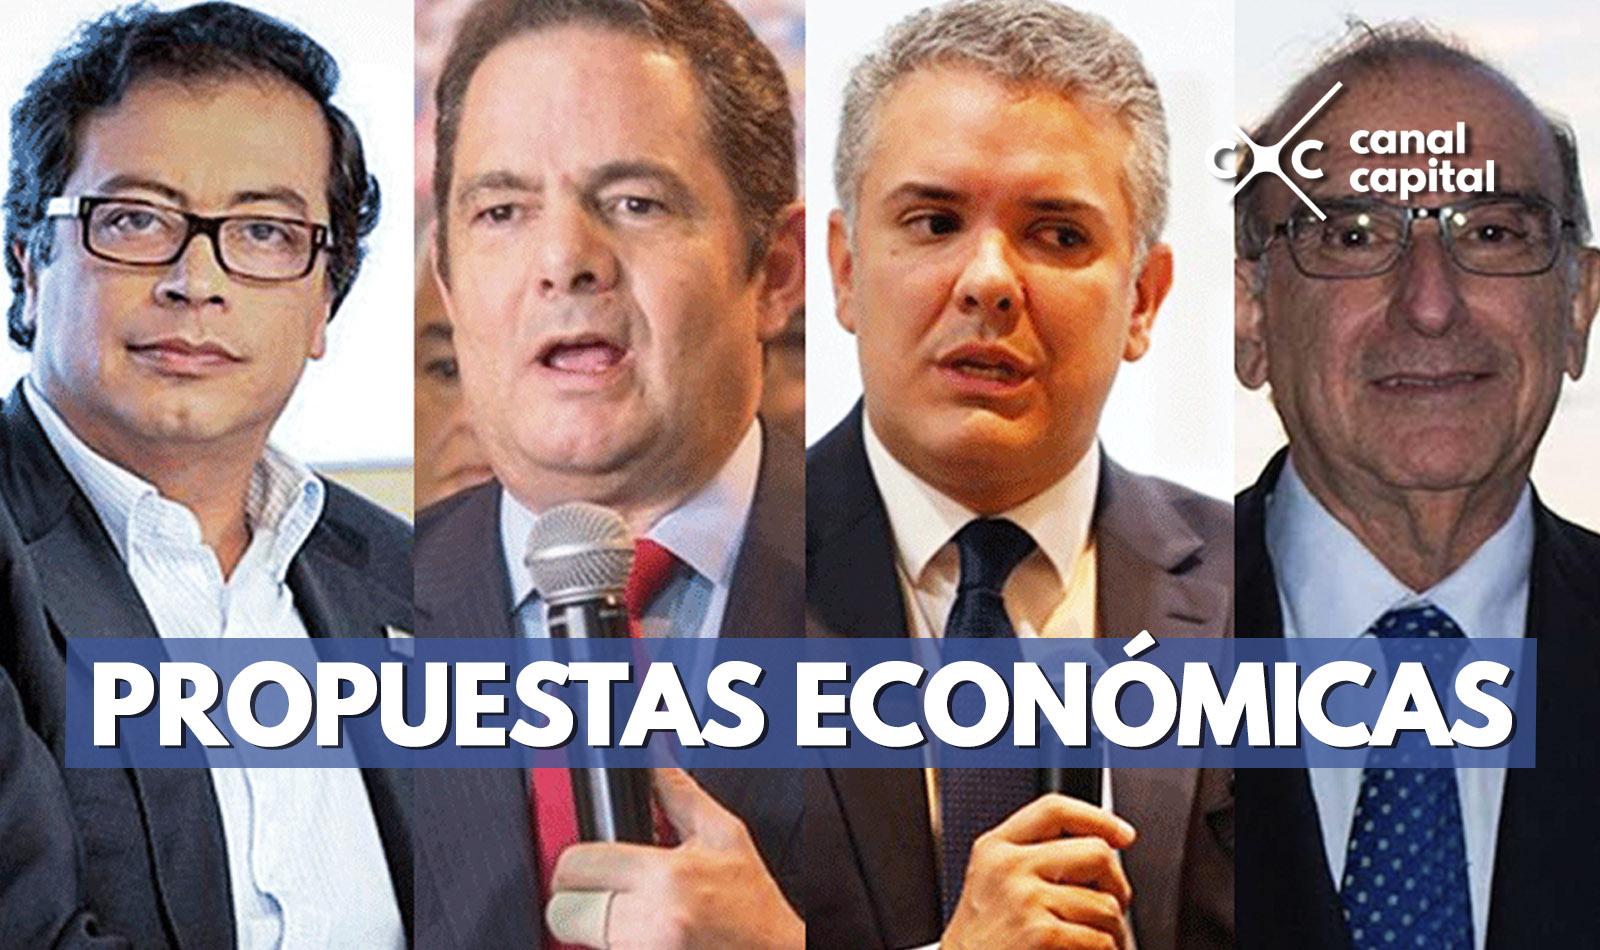 Candidatos presidenciales difieren en propuestas económicas para el país